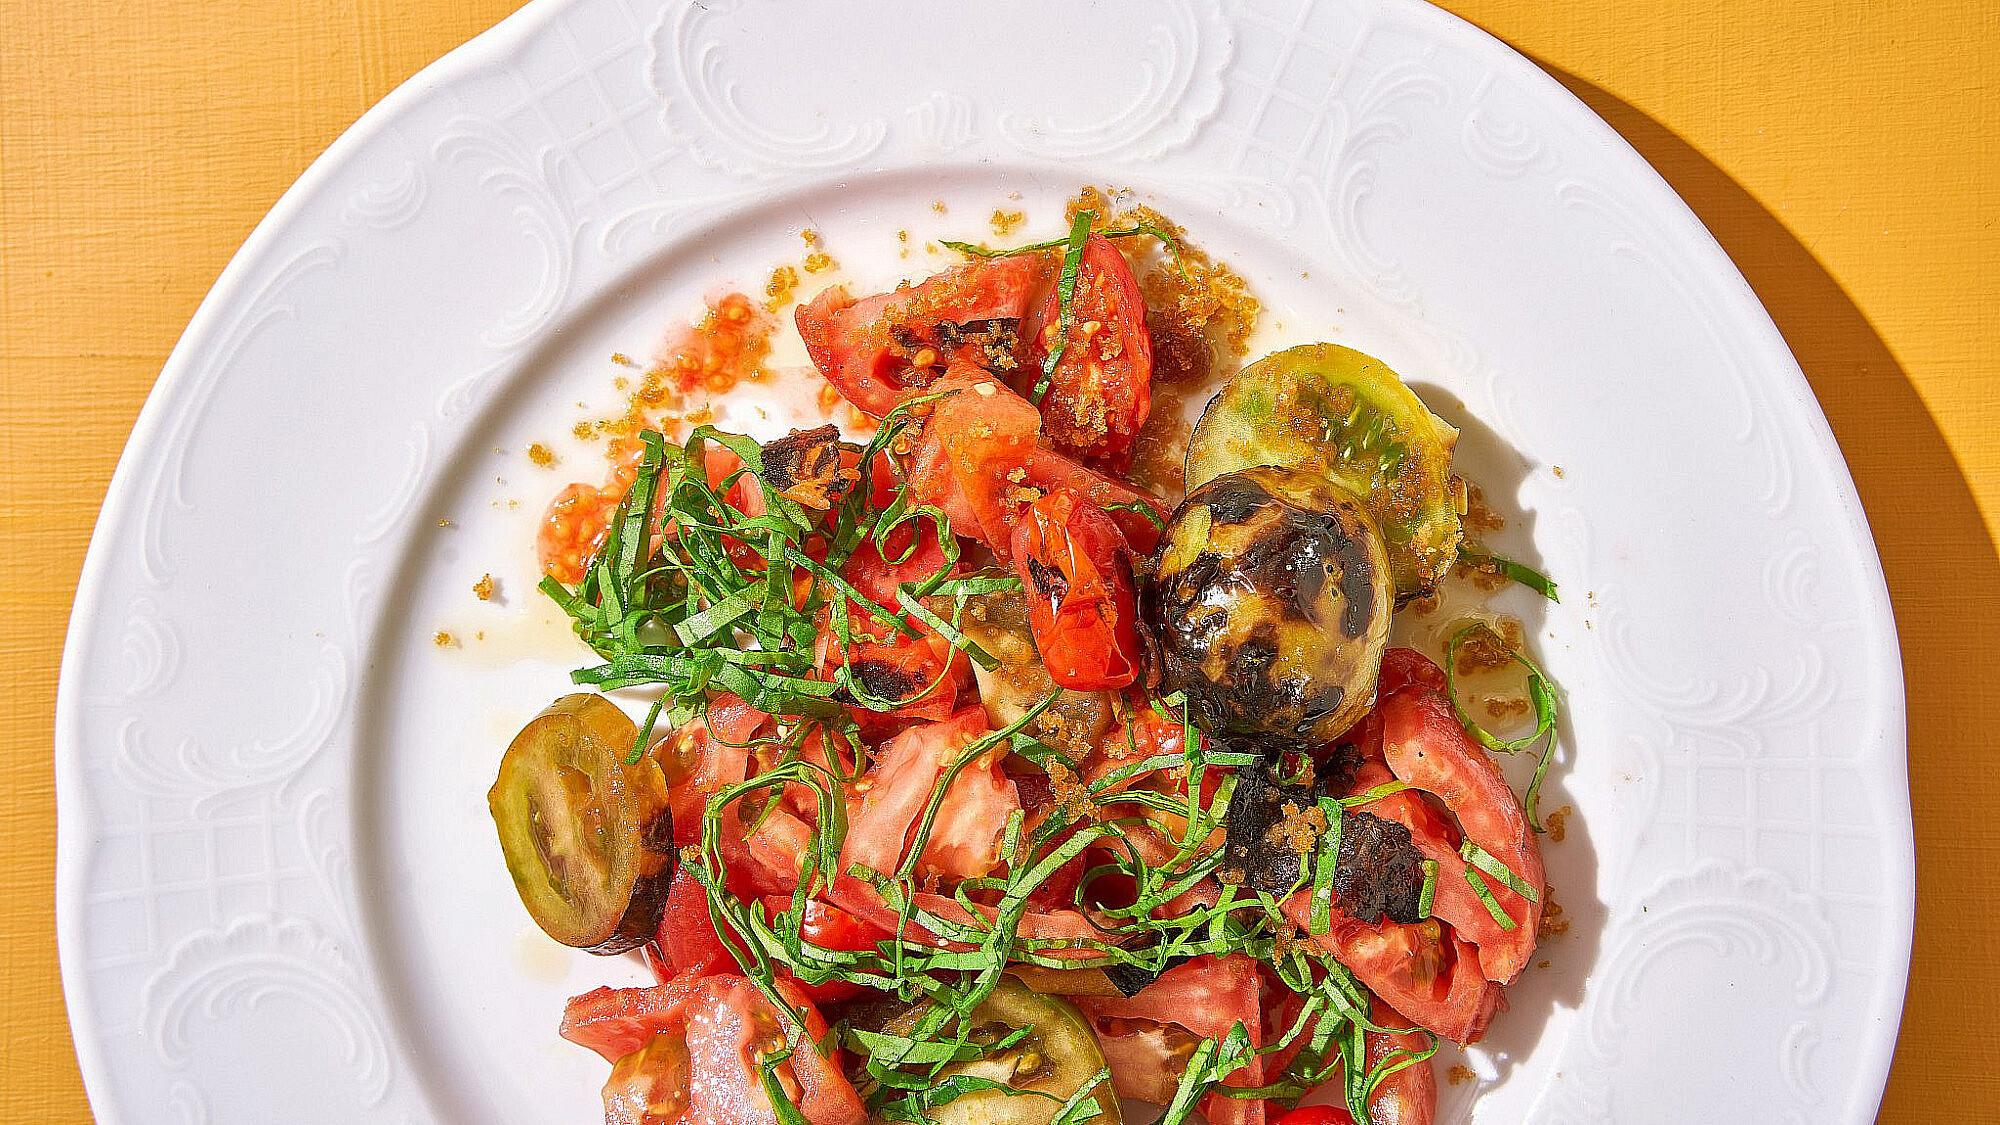 סלט עגבניות קיץ של שפית אבישג לוי   צילום: אנטולי מיכאלו